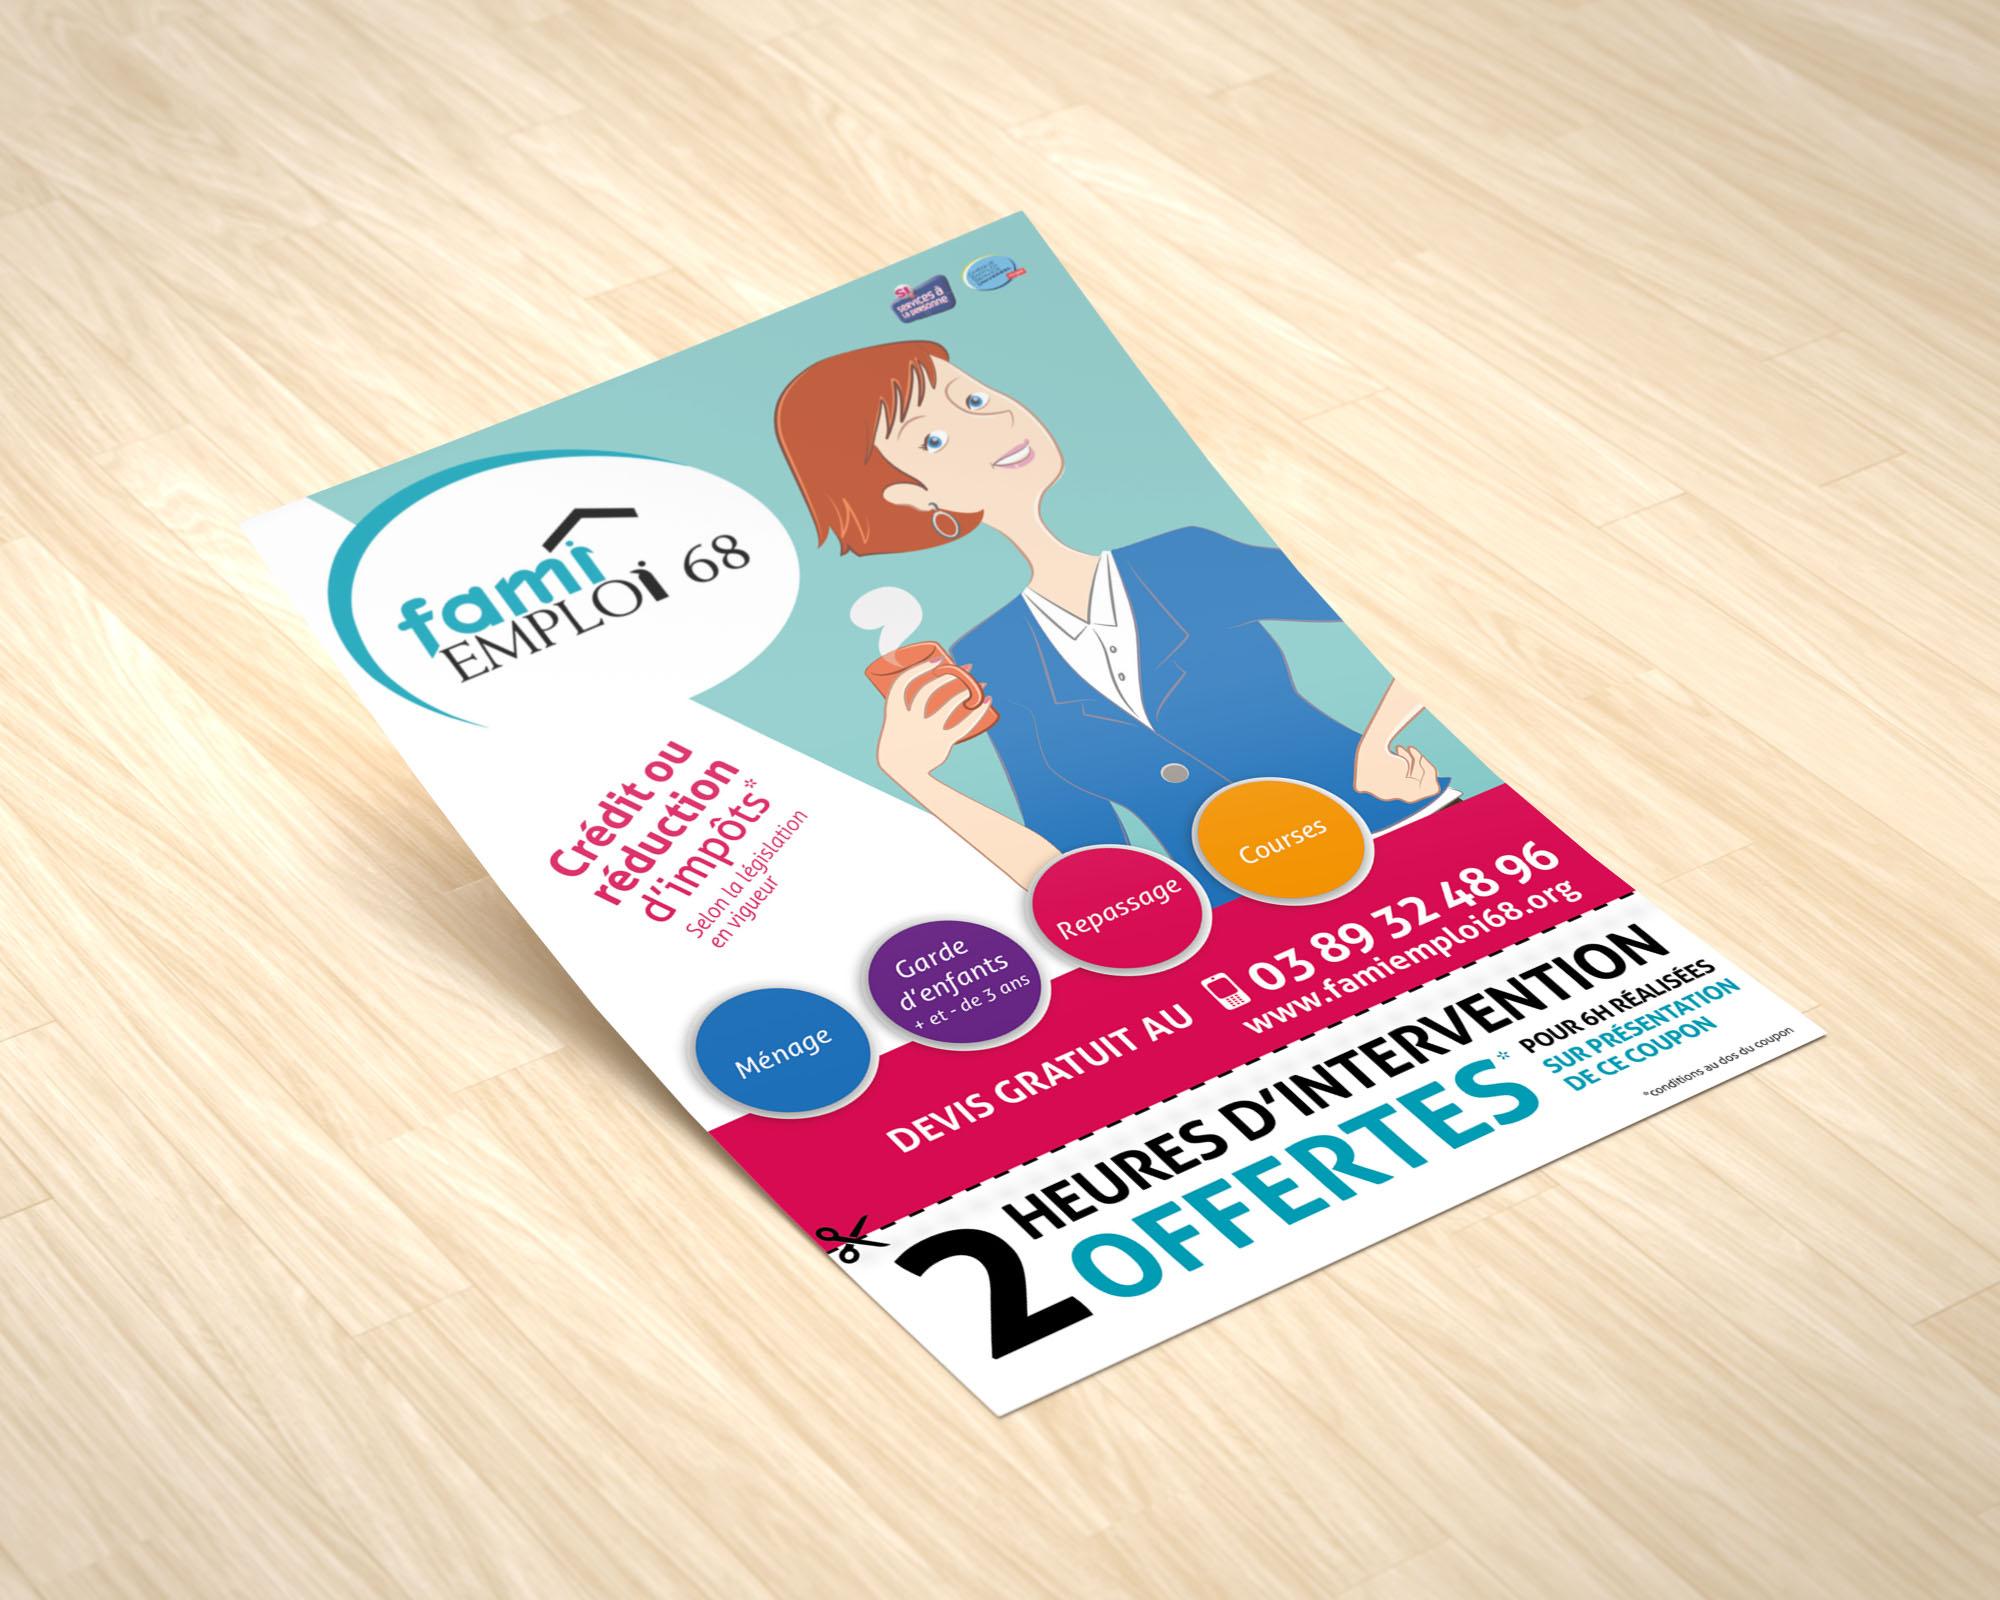 FAMI EMPLOI 68 • Flyer services de ménage et garde d'enfants à domicile